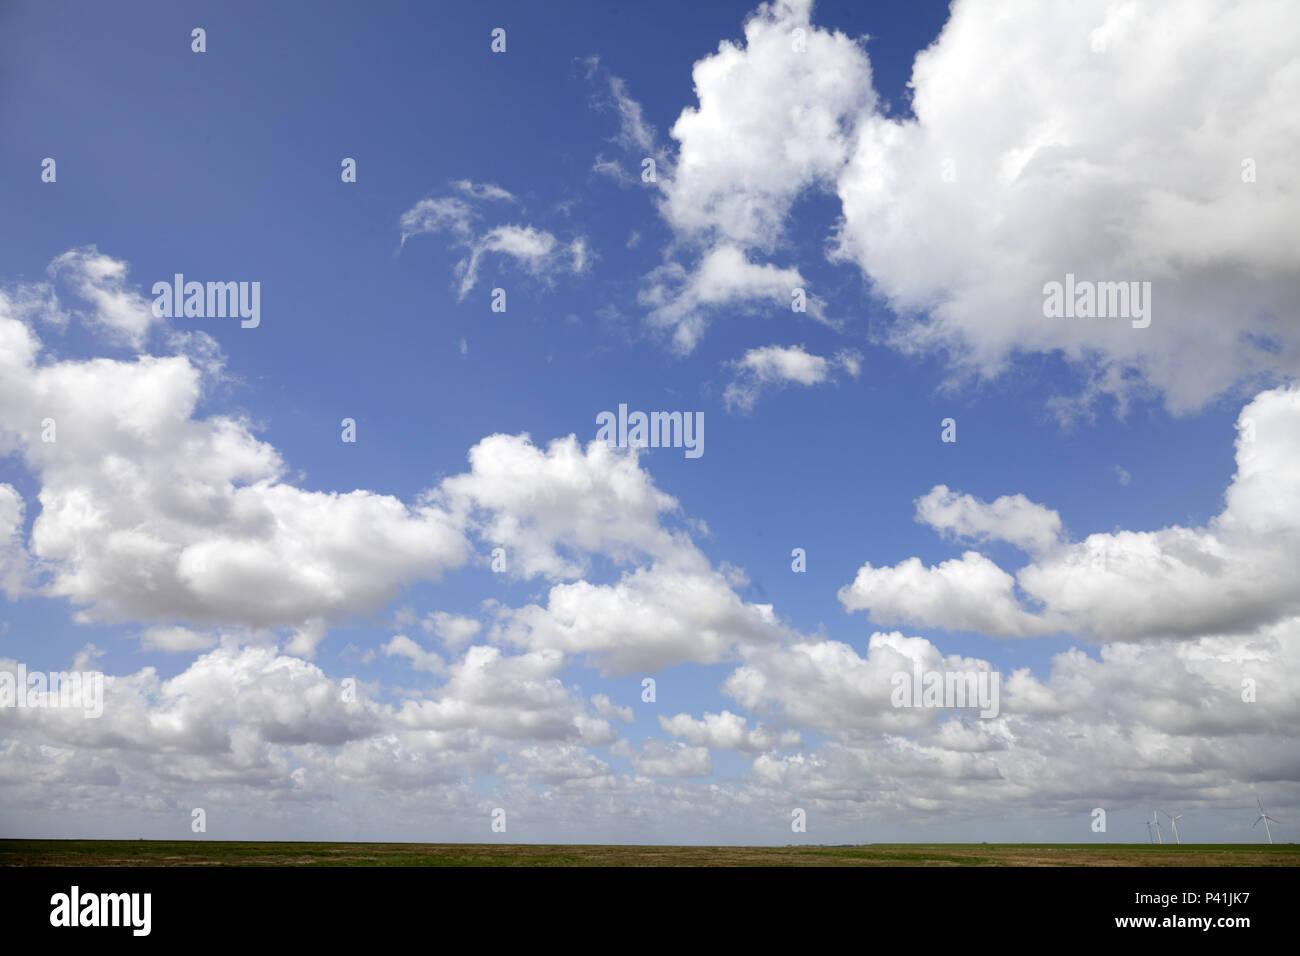 Soenke-Nissen-Koog, Germany, cloud sky at Soenke-Nissen-Koog in ...